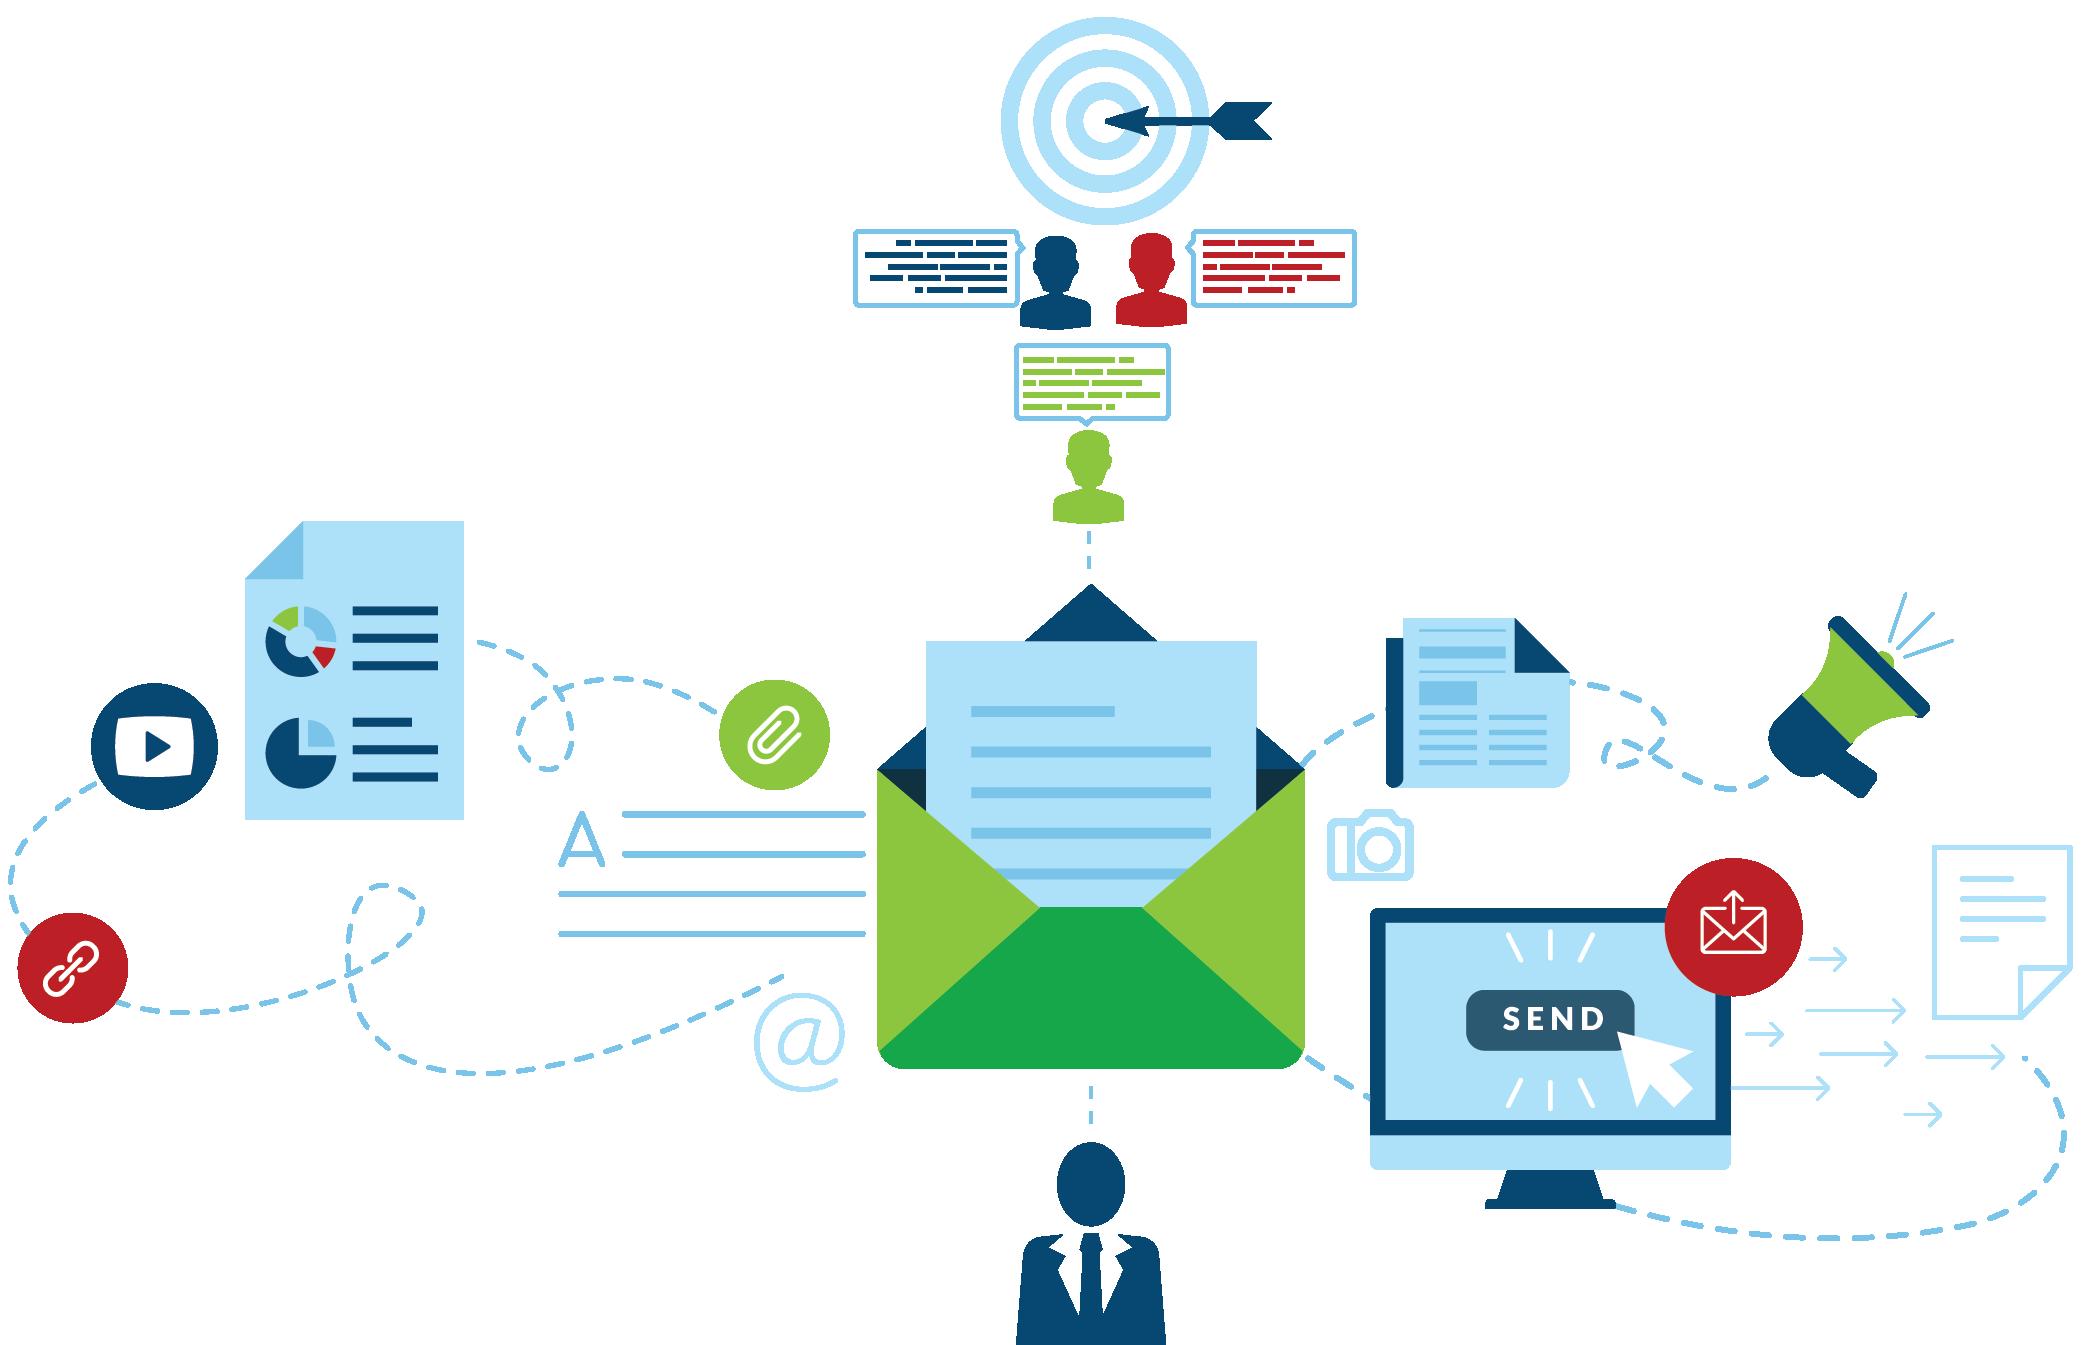 Pictogramme représentant le marketing automation